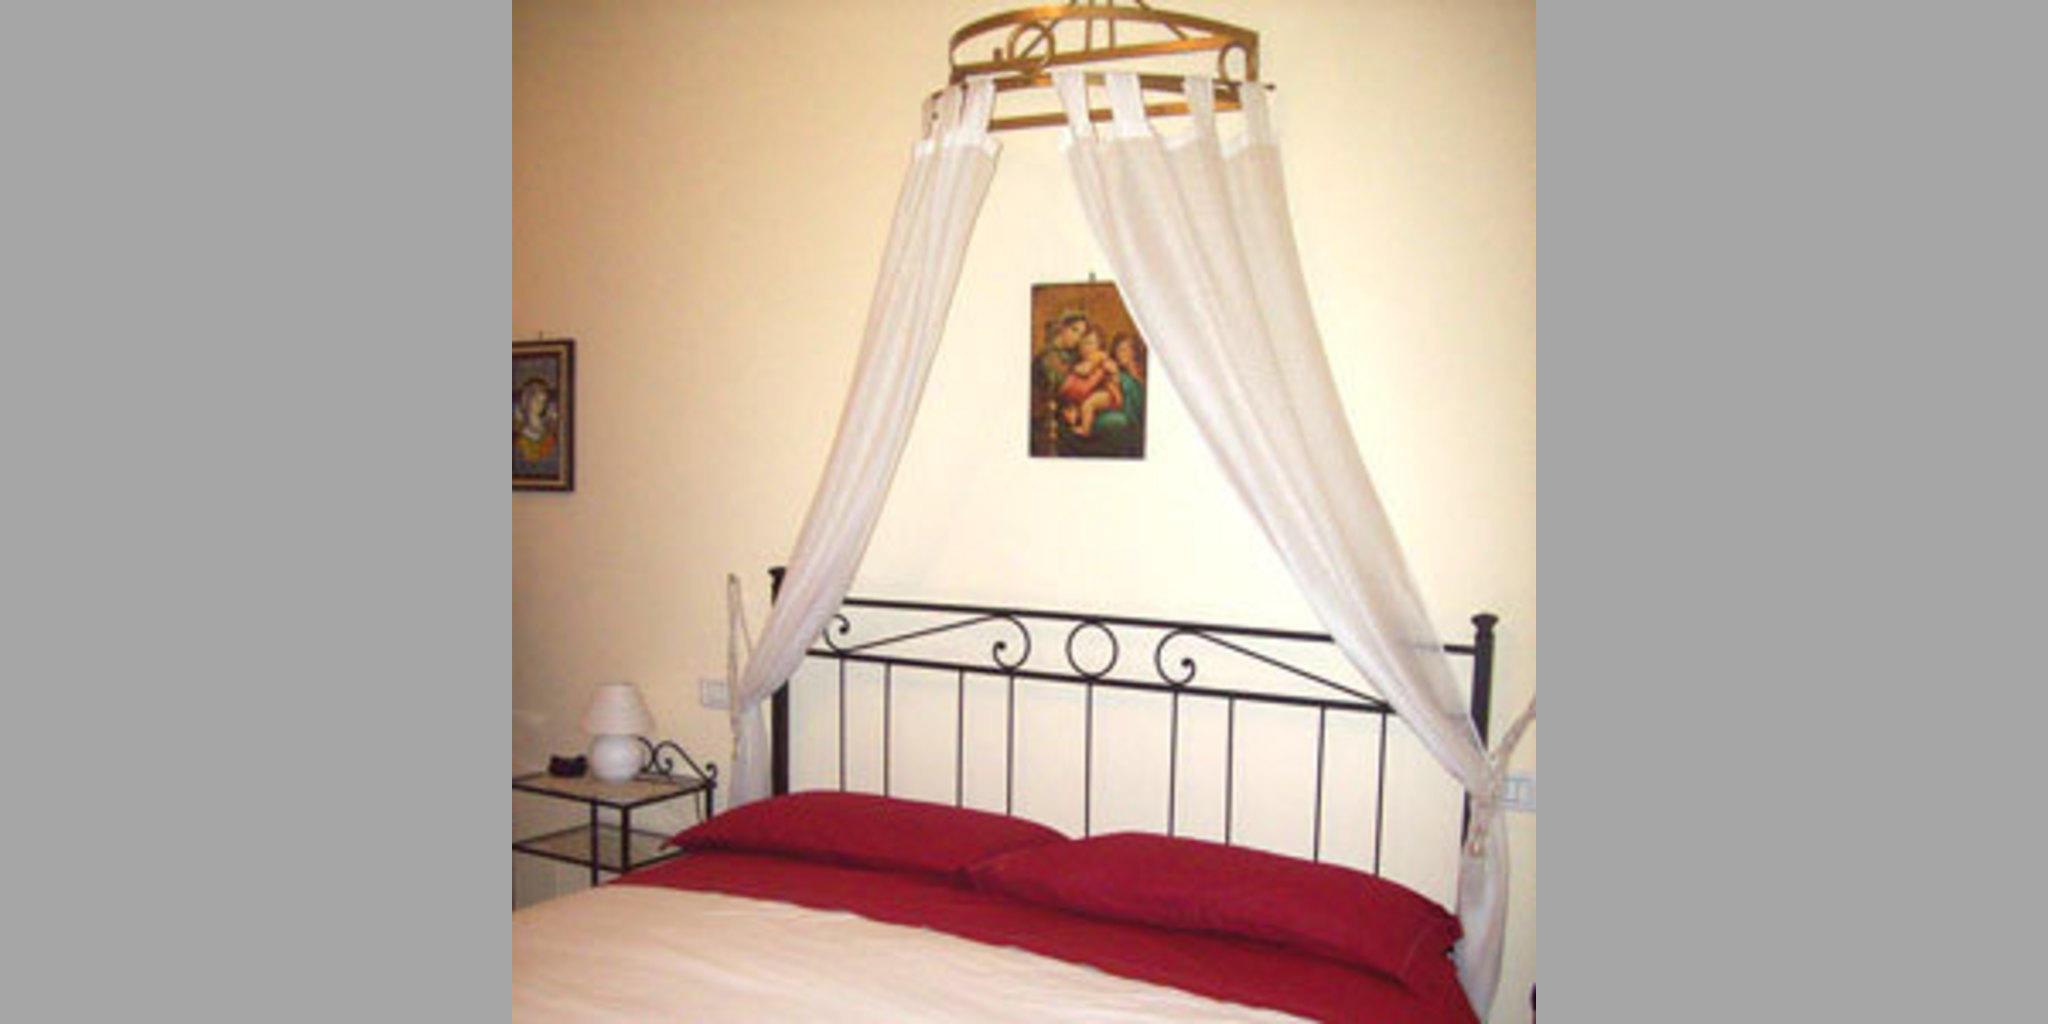 Bed & Breakfast Controguerra - Controguerra